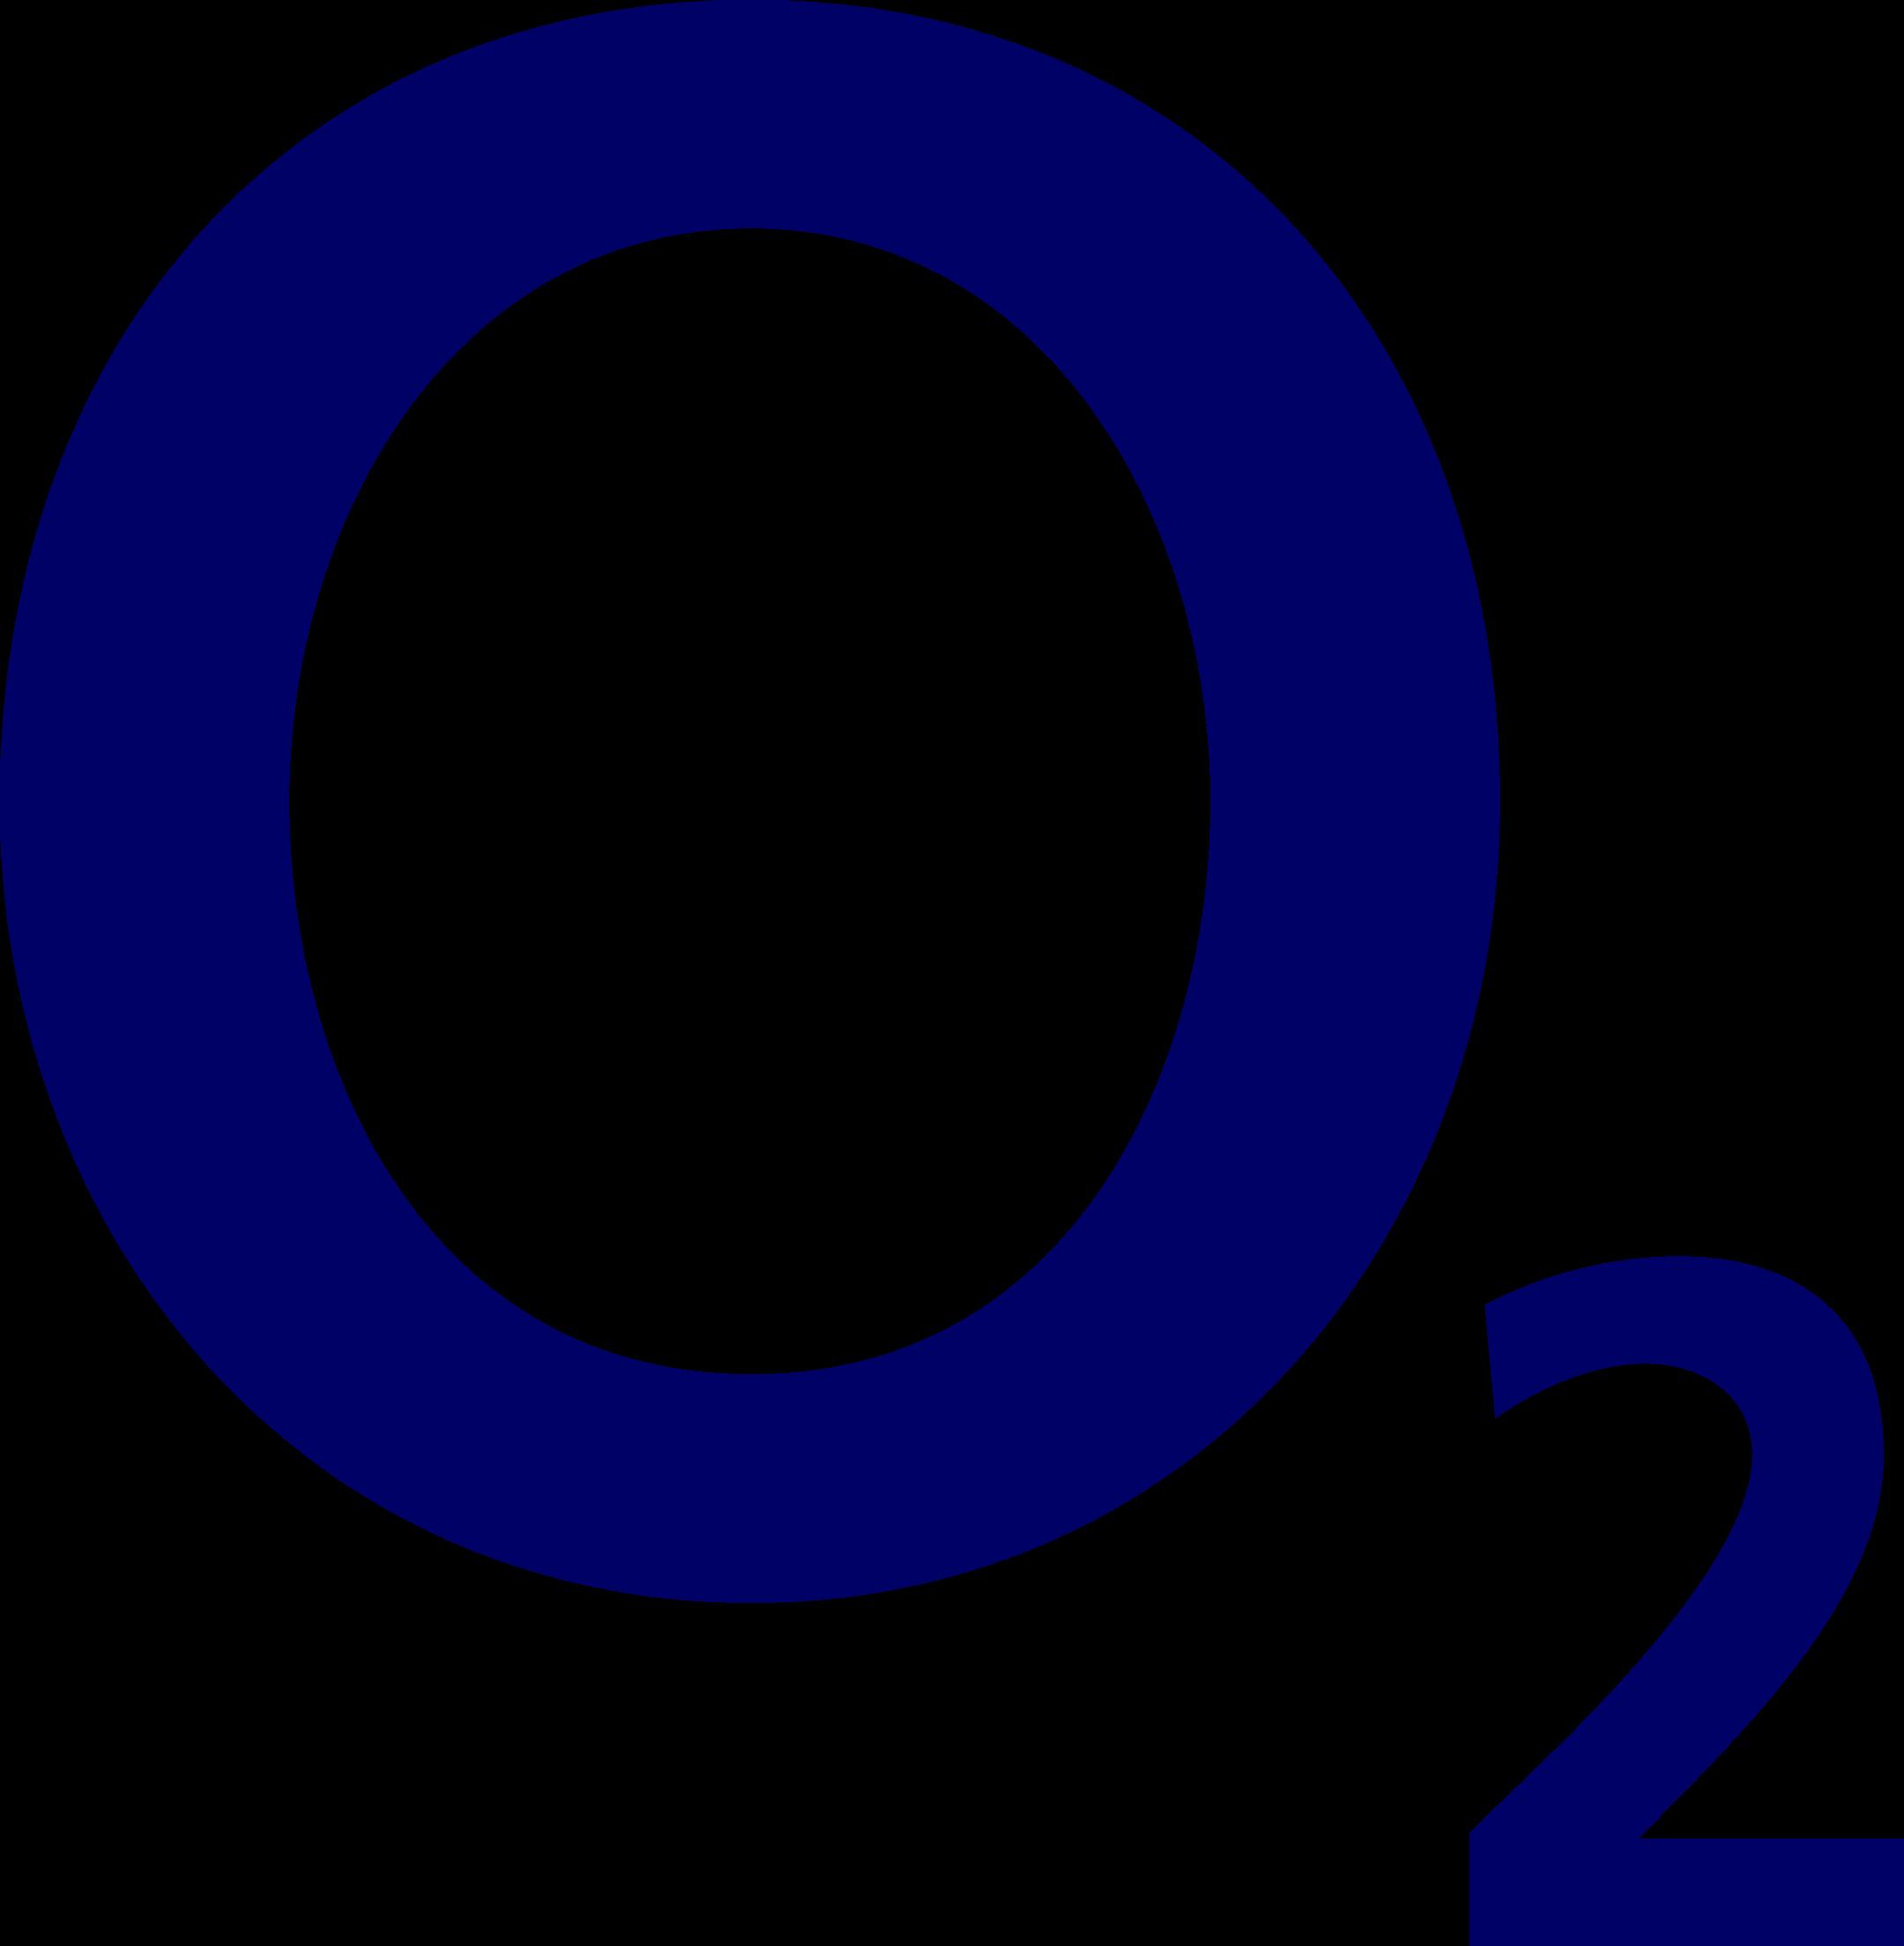 o2 logo 1 - O2 Logo